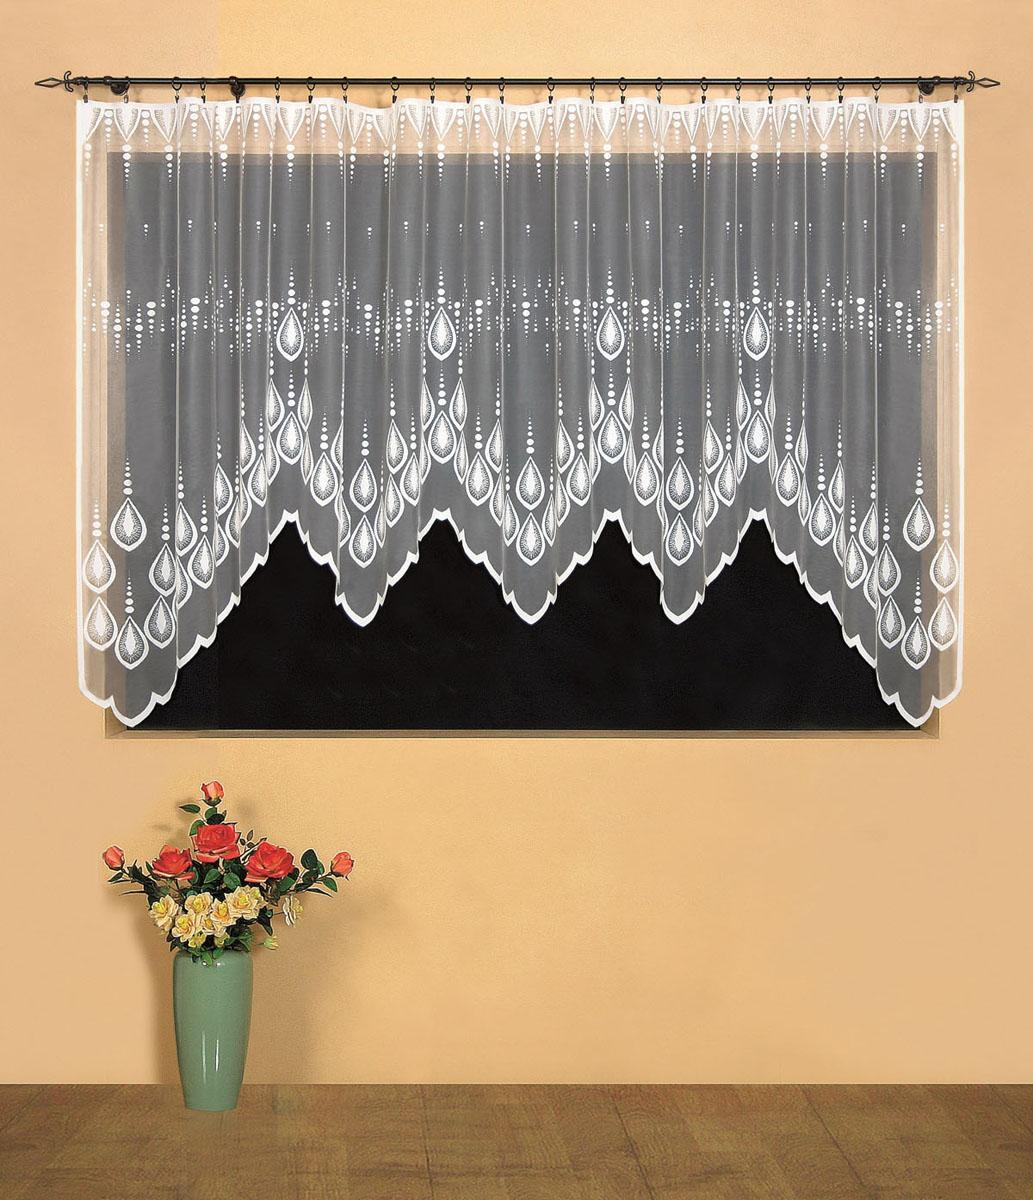 Гардина Wisan, цвет: белый, высота 160 см. 95199519Гардина Wisan, выполненная из легкого полиэстера, станет великолепным украшением окна в спальне или гостиной.Качественный материал, тонкое плетение и оригинальный дизайн привлекут к себе внимание и позволят гардине органично вписаться в интерьер помещения. Вид крепления - под зажимы для штор.